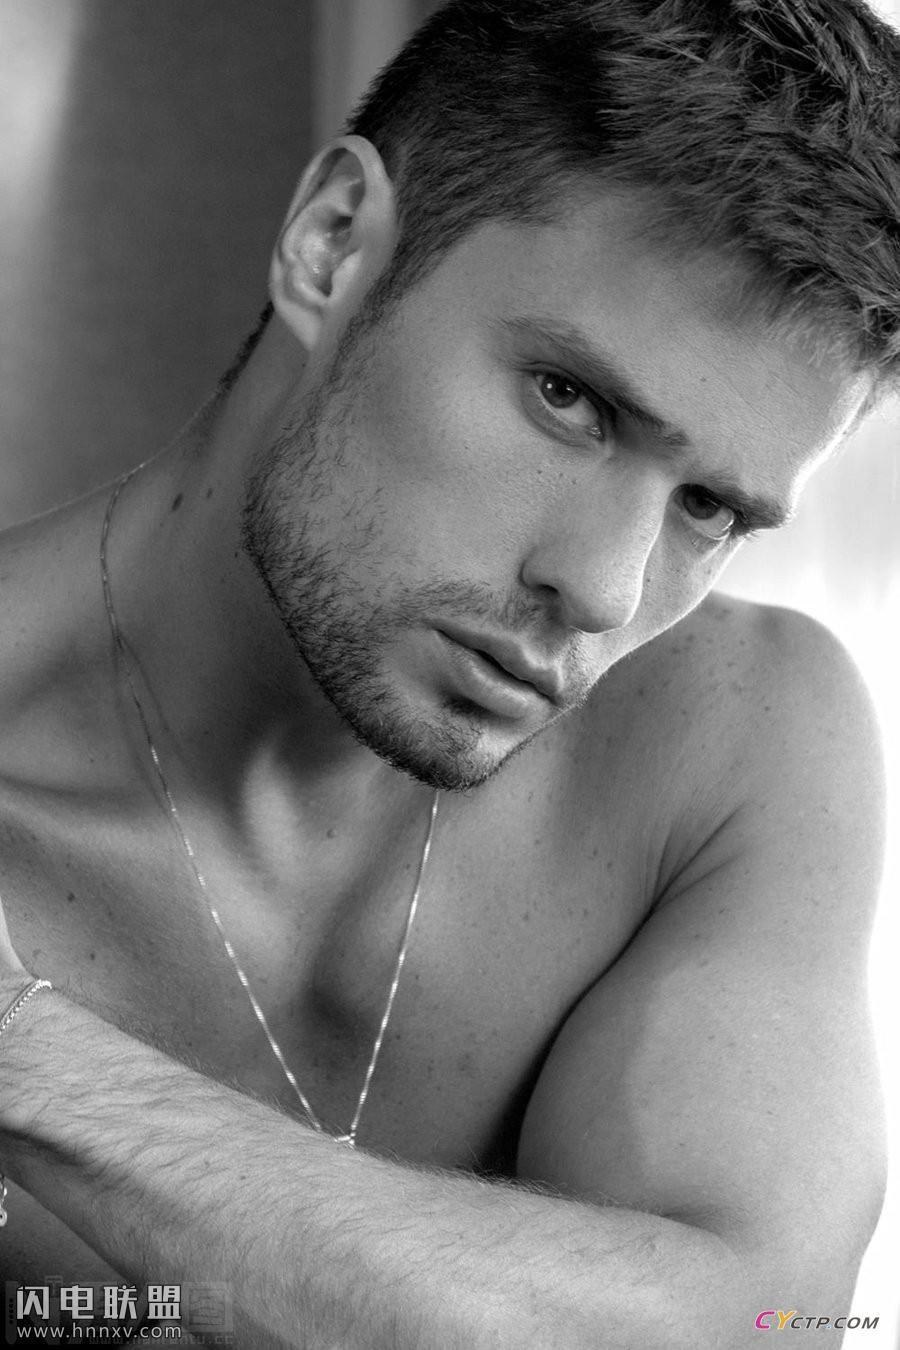 成熟魅力的欧美型男平头帅哥性感内裤写真图片